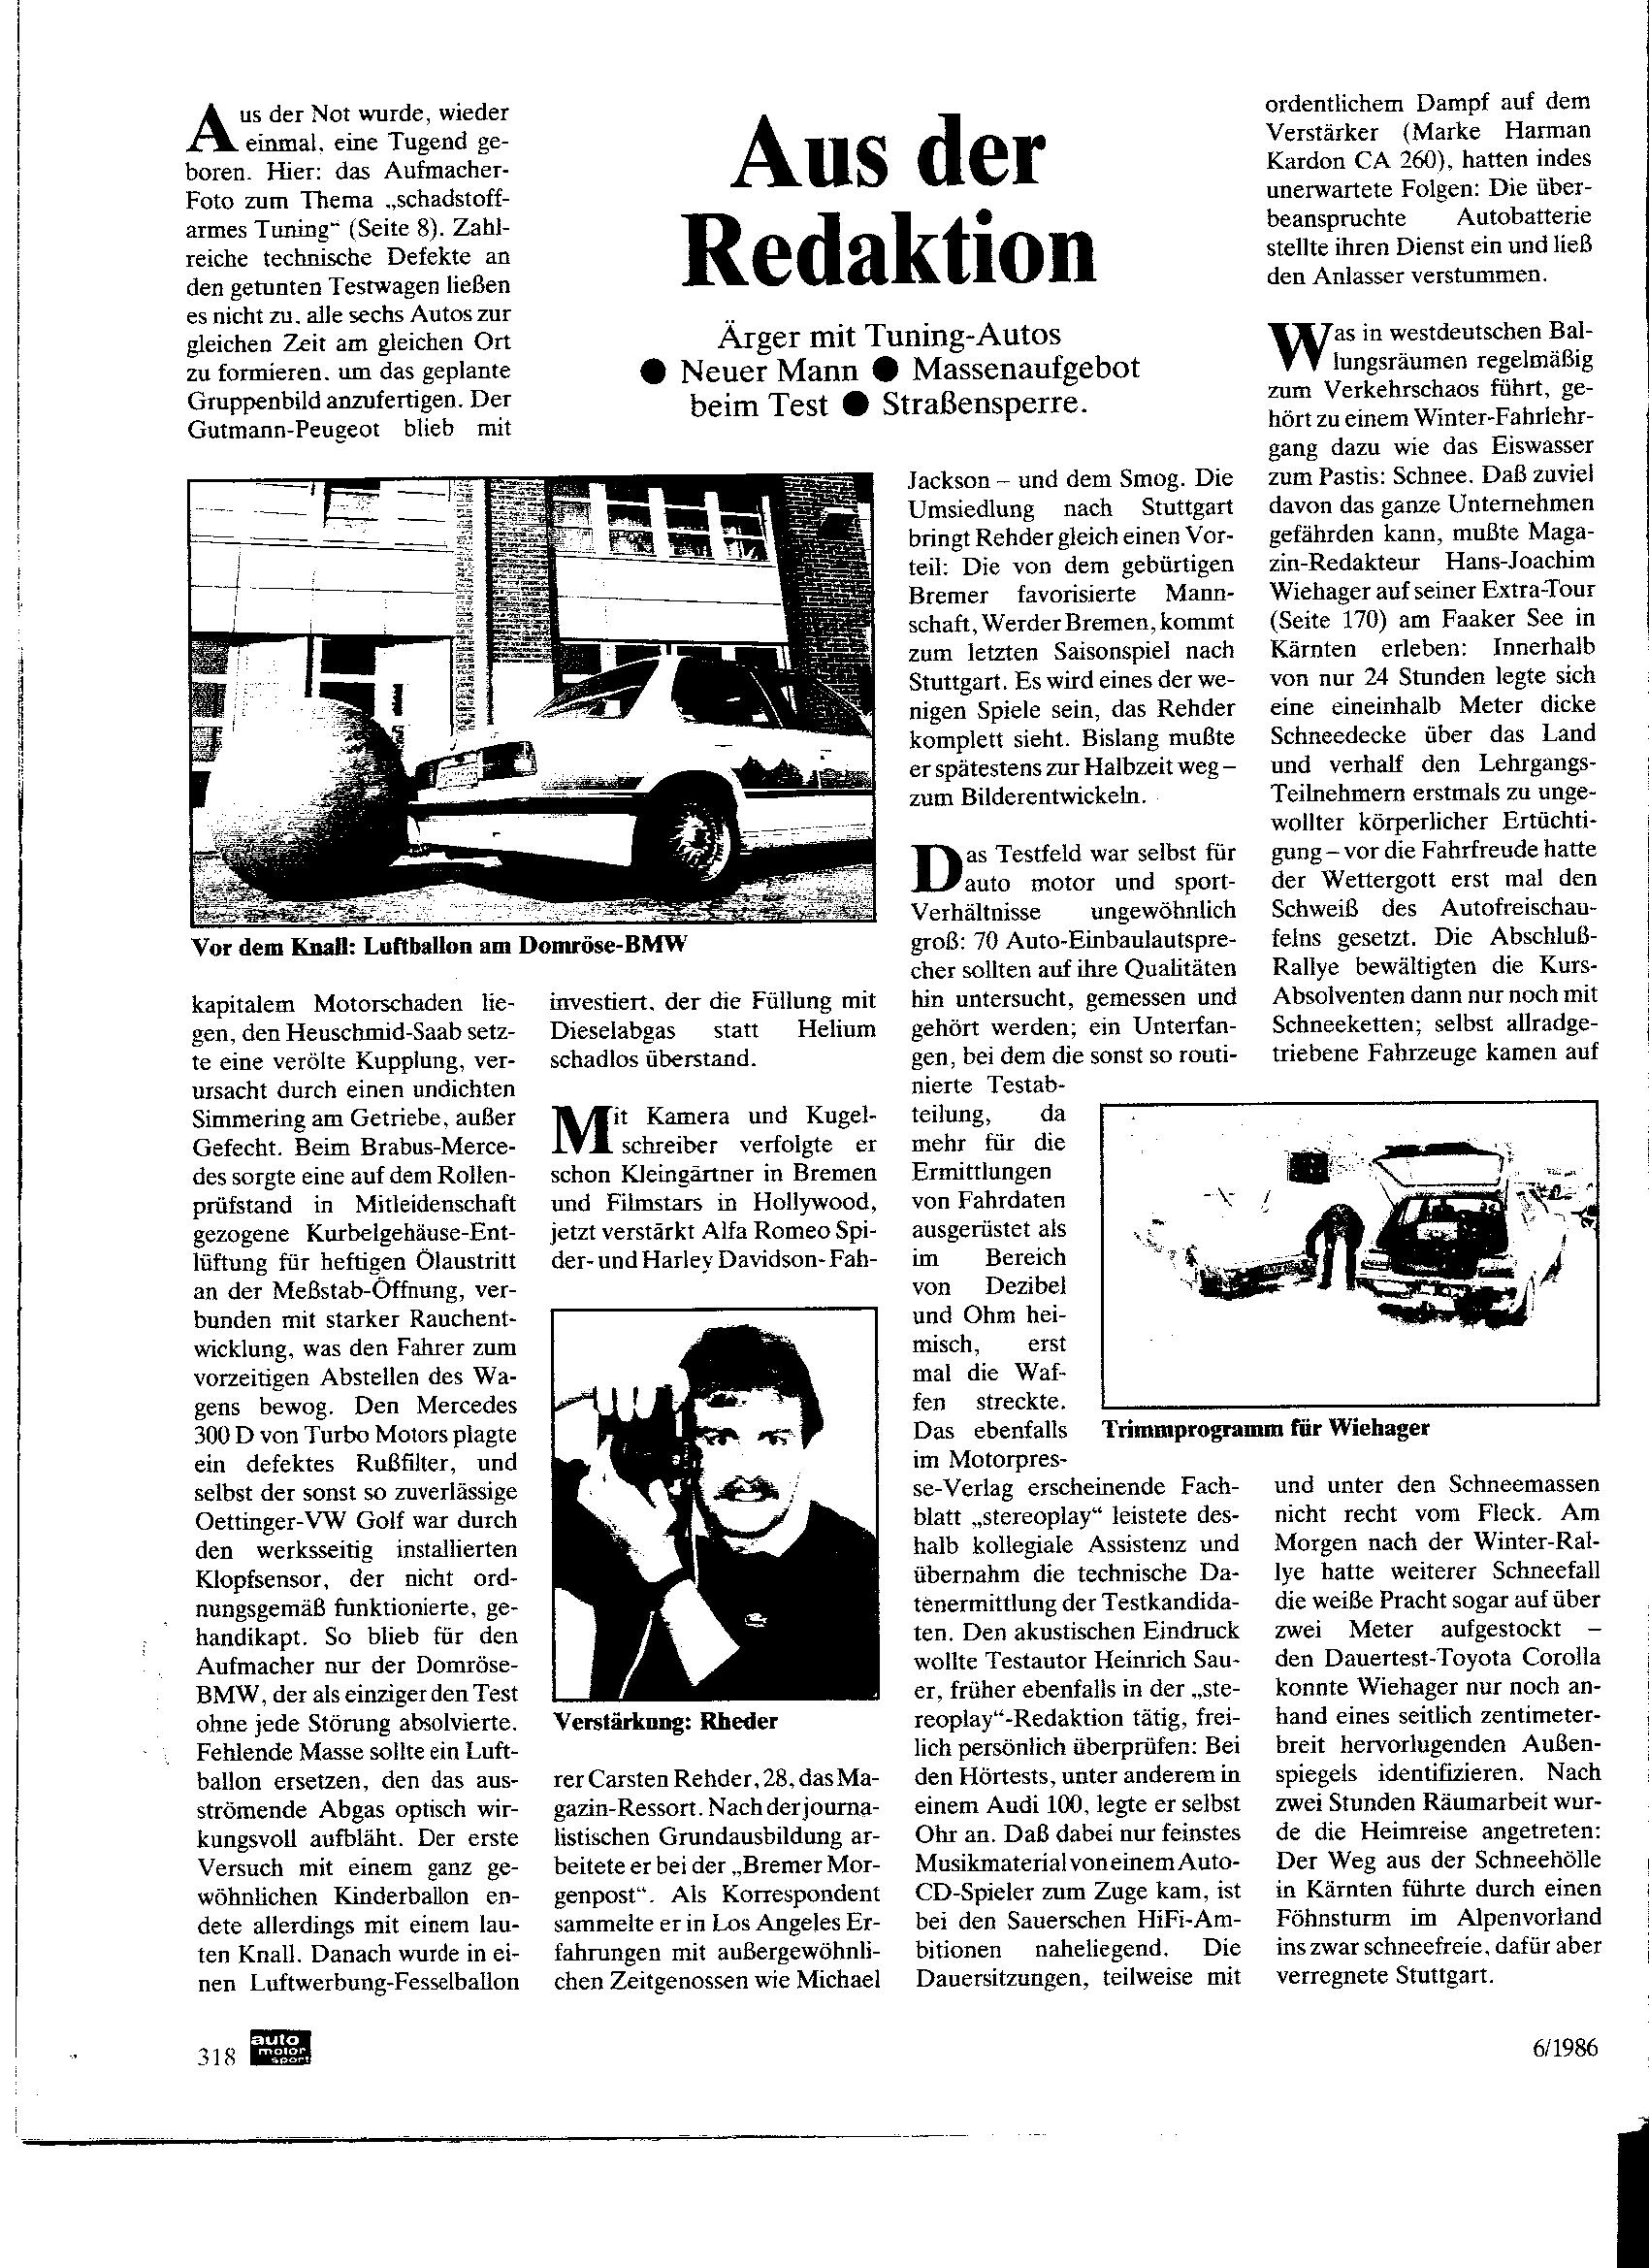 Auto-Motor-Sport Juni 1986 Tunervergleich Ausfall: Nur der Domröse Diesel hält durch